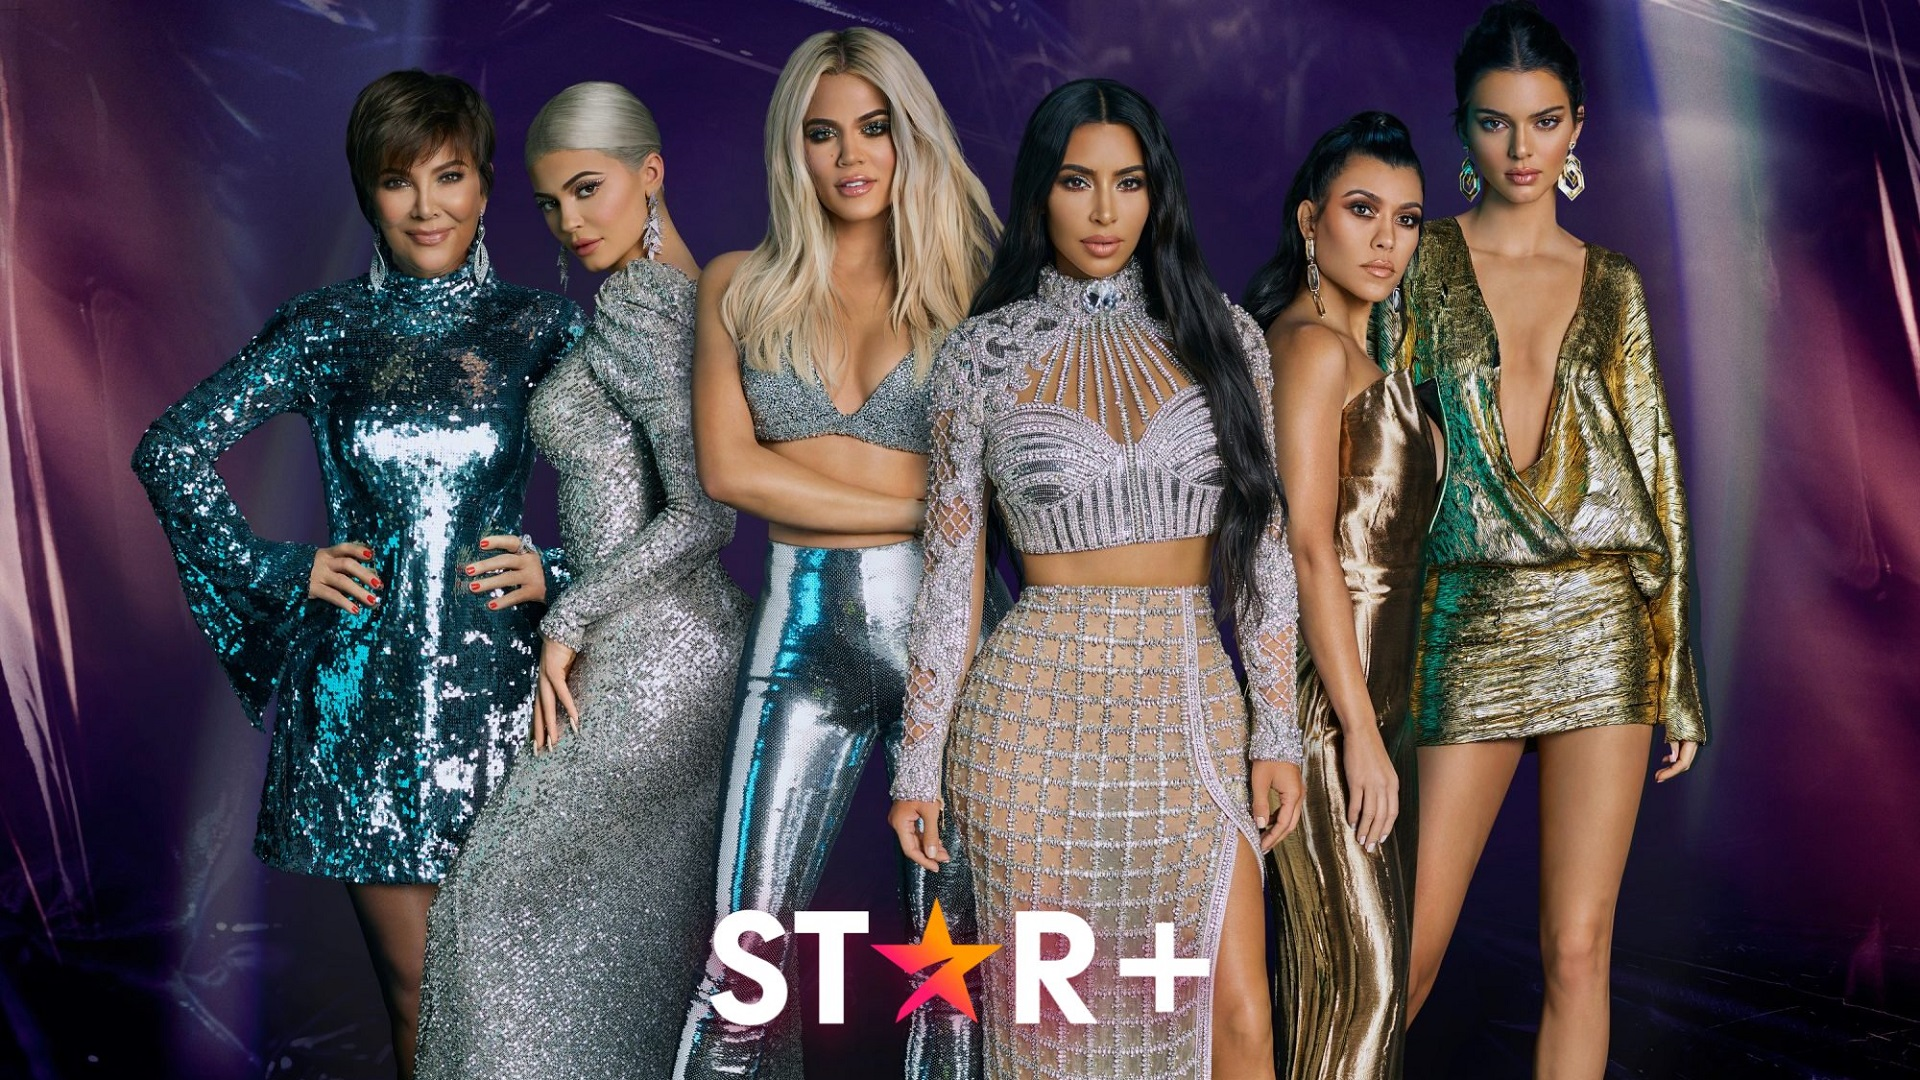 Este es el precio para suscribirse a Star Plus en México y una oferta